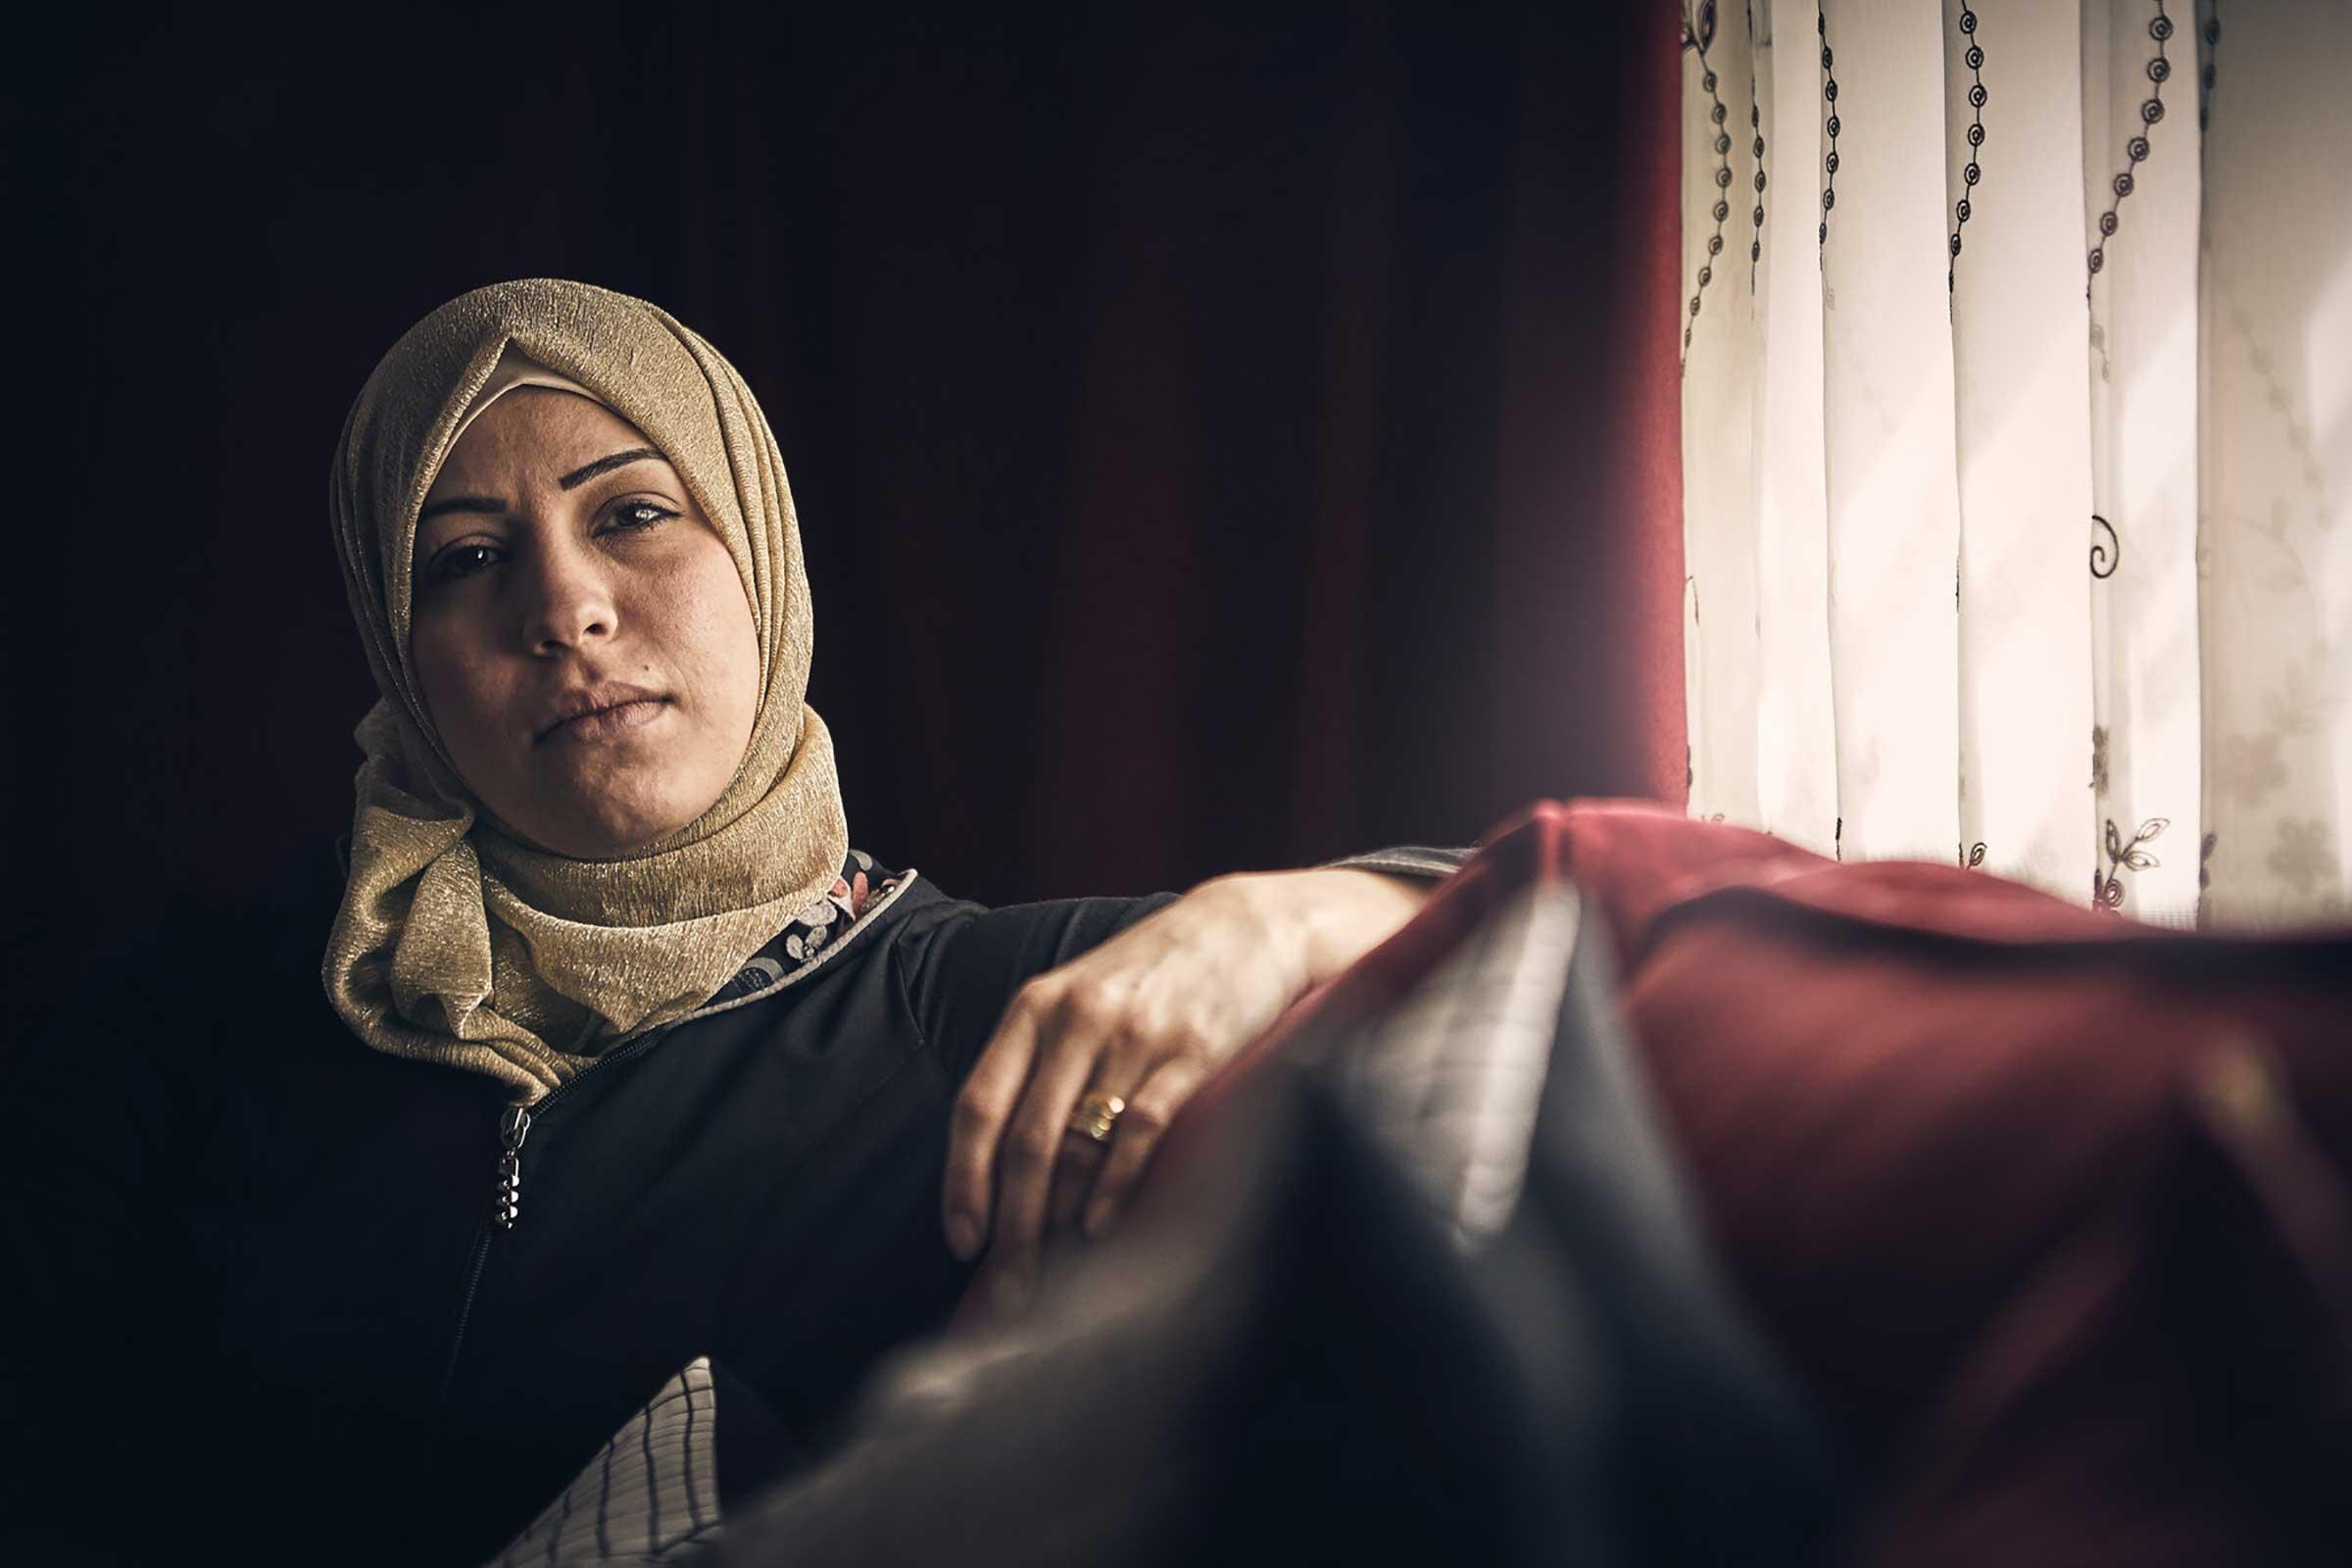 Woman sitting in sofa